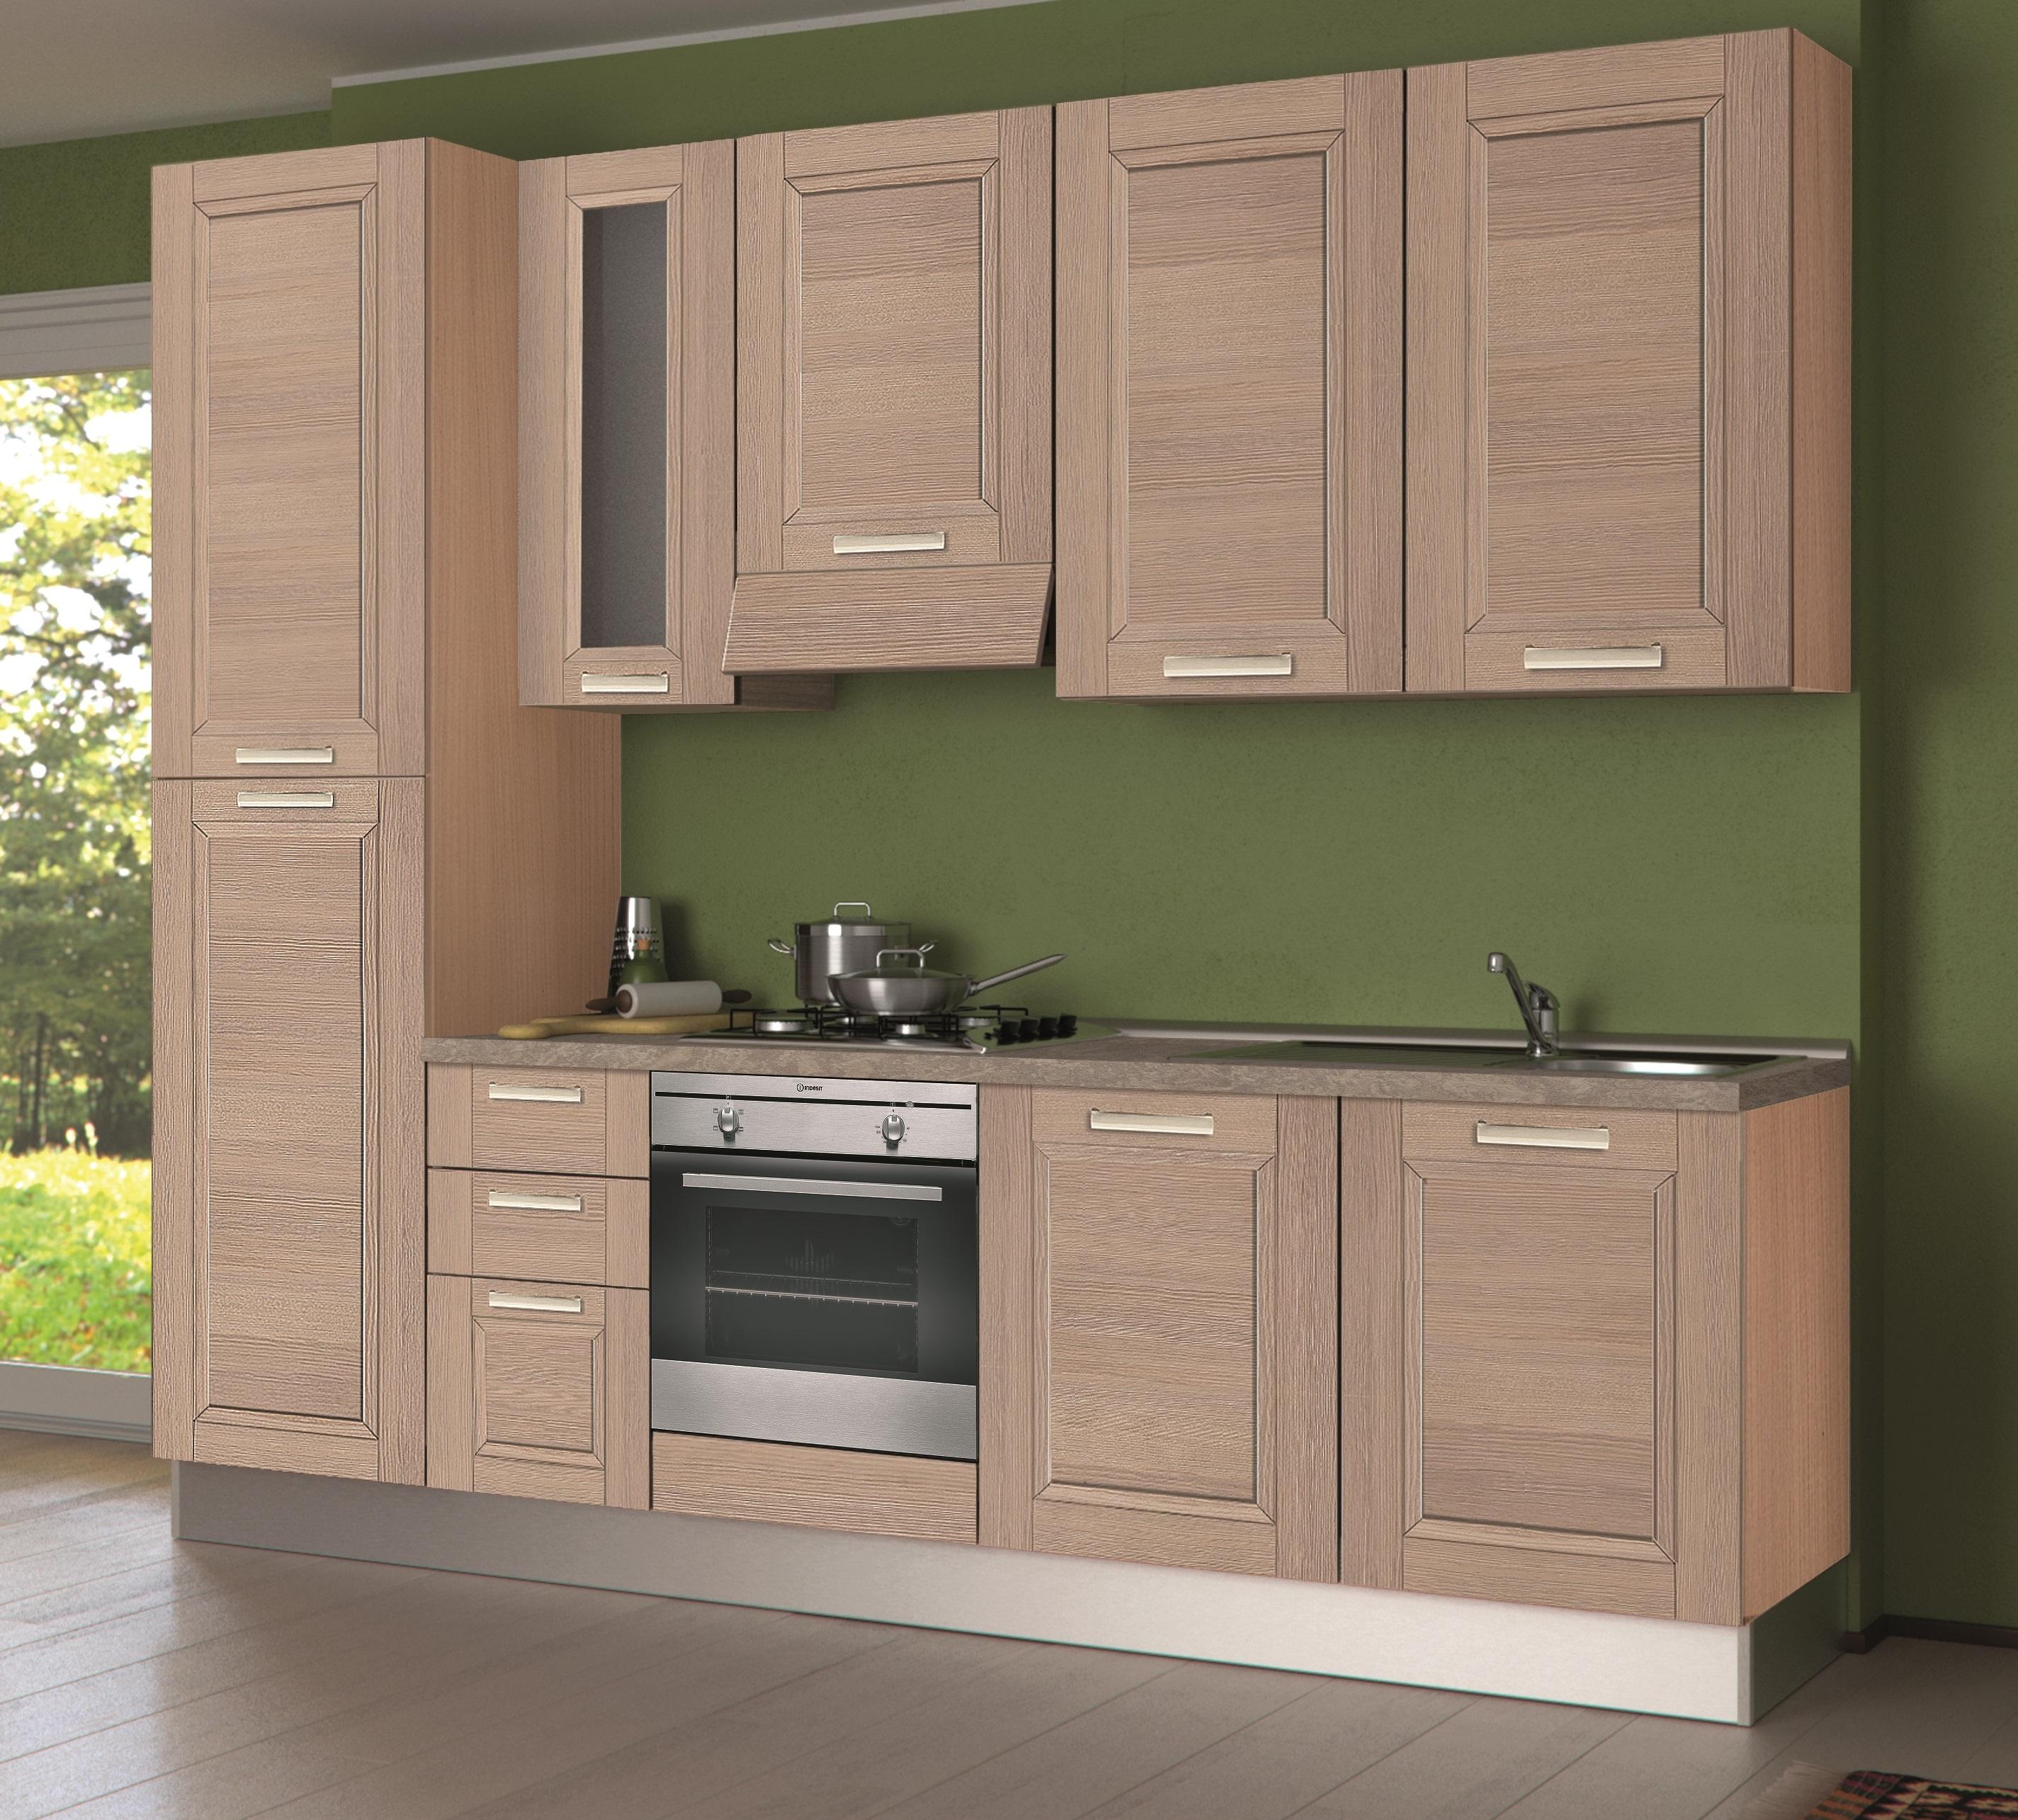 Promo 108 arredamenti centro cucine battistelli eric for Discount arredamenti